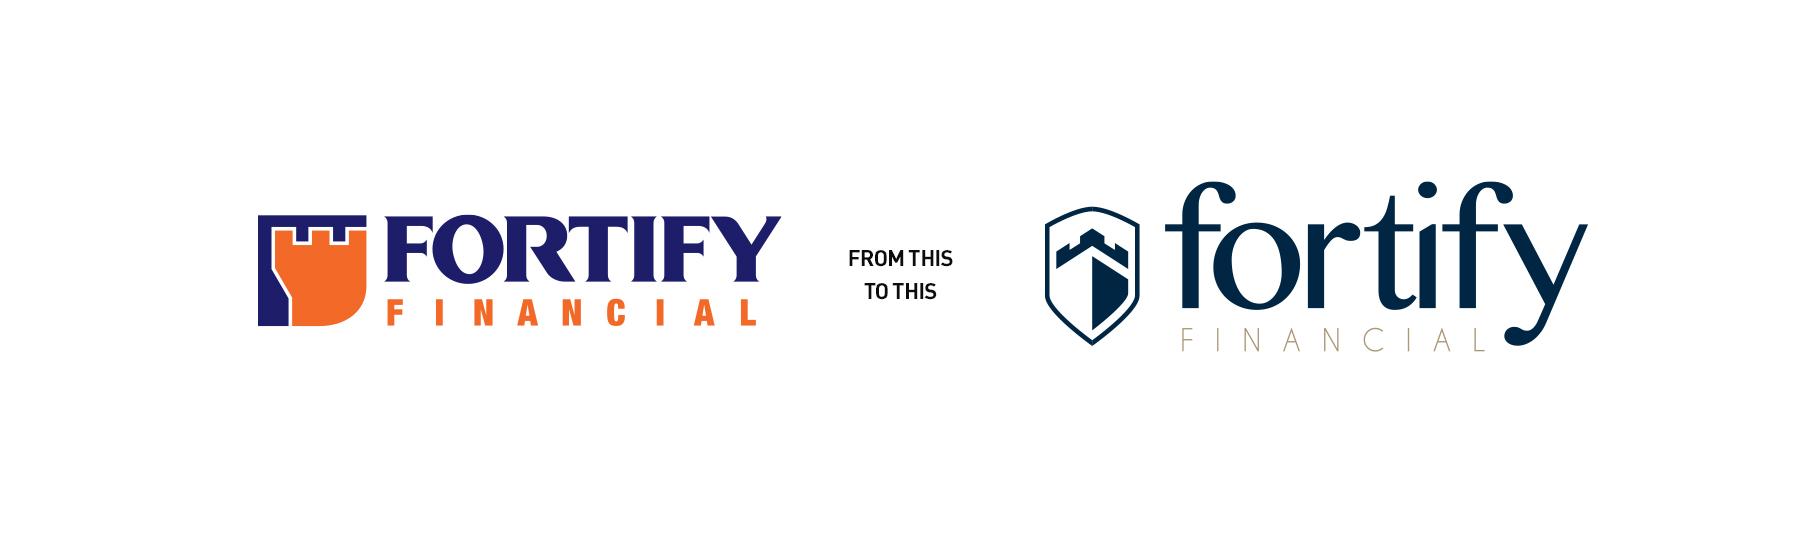 Fortify_Branding1.jpg